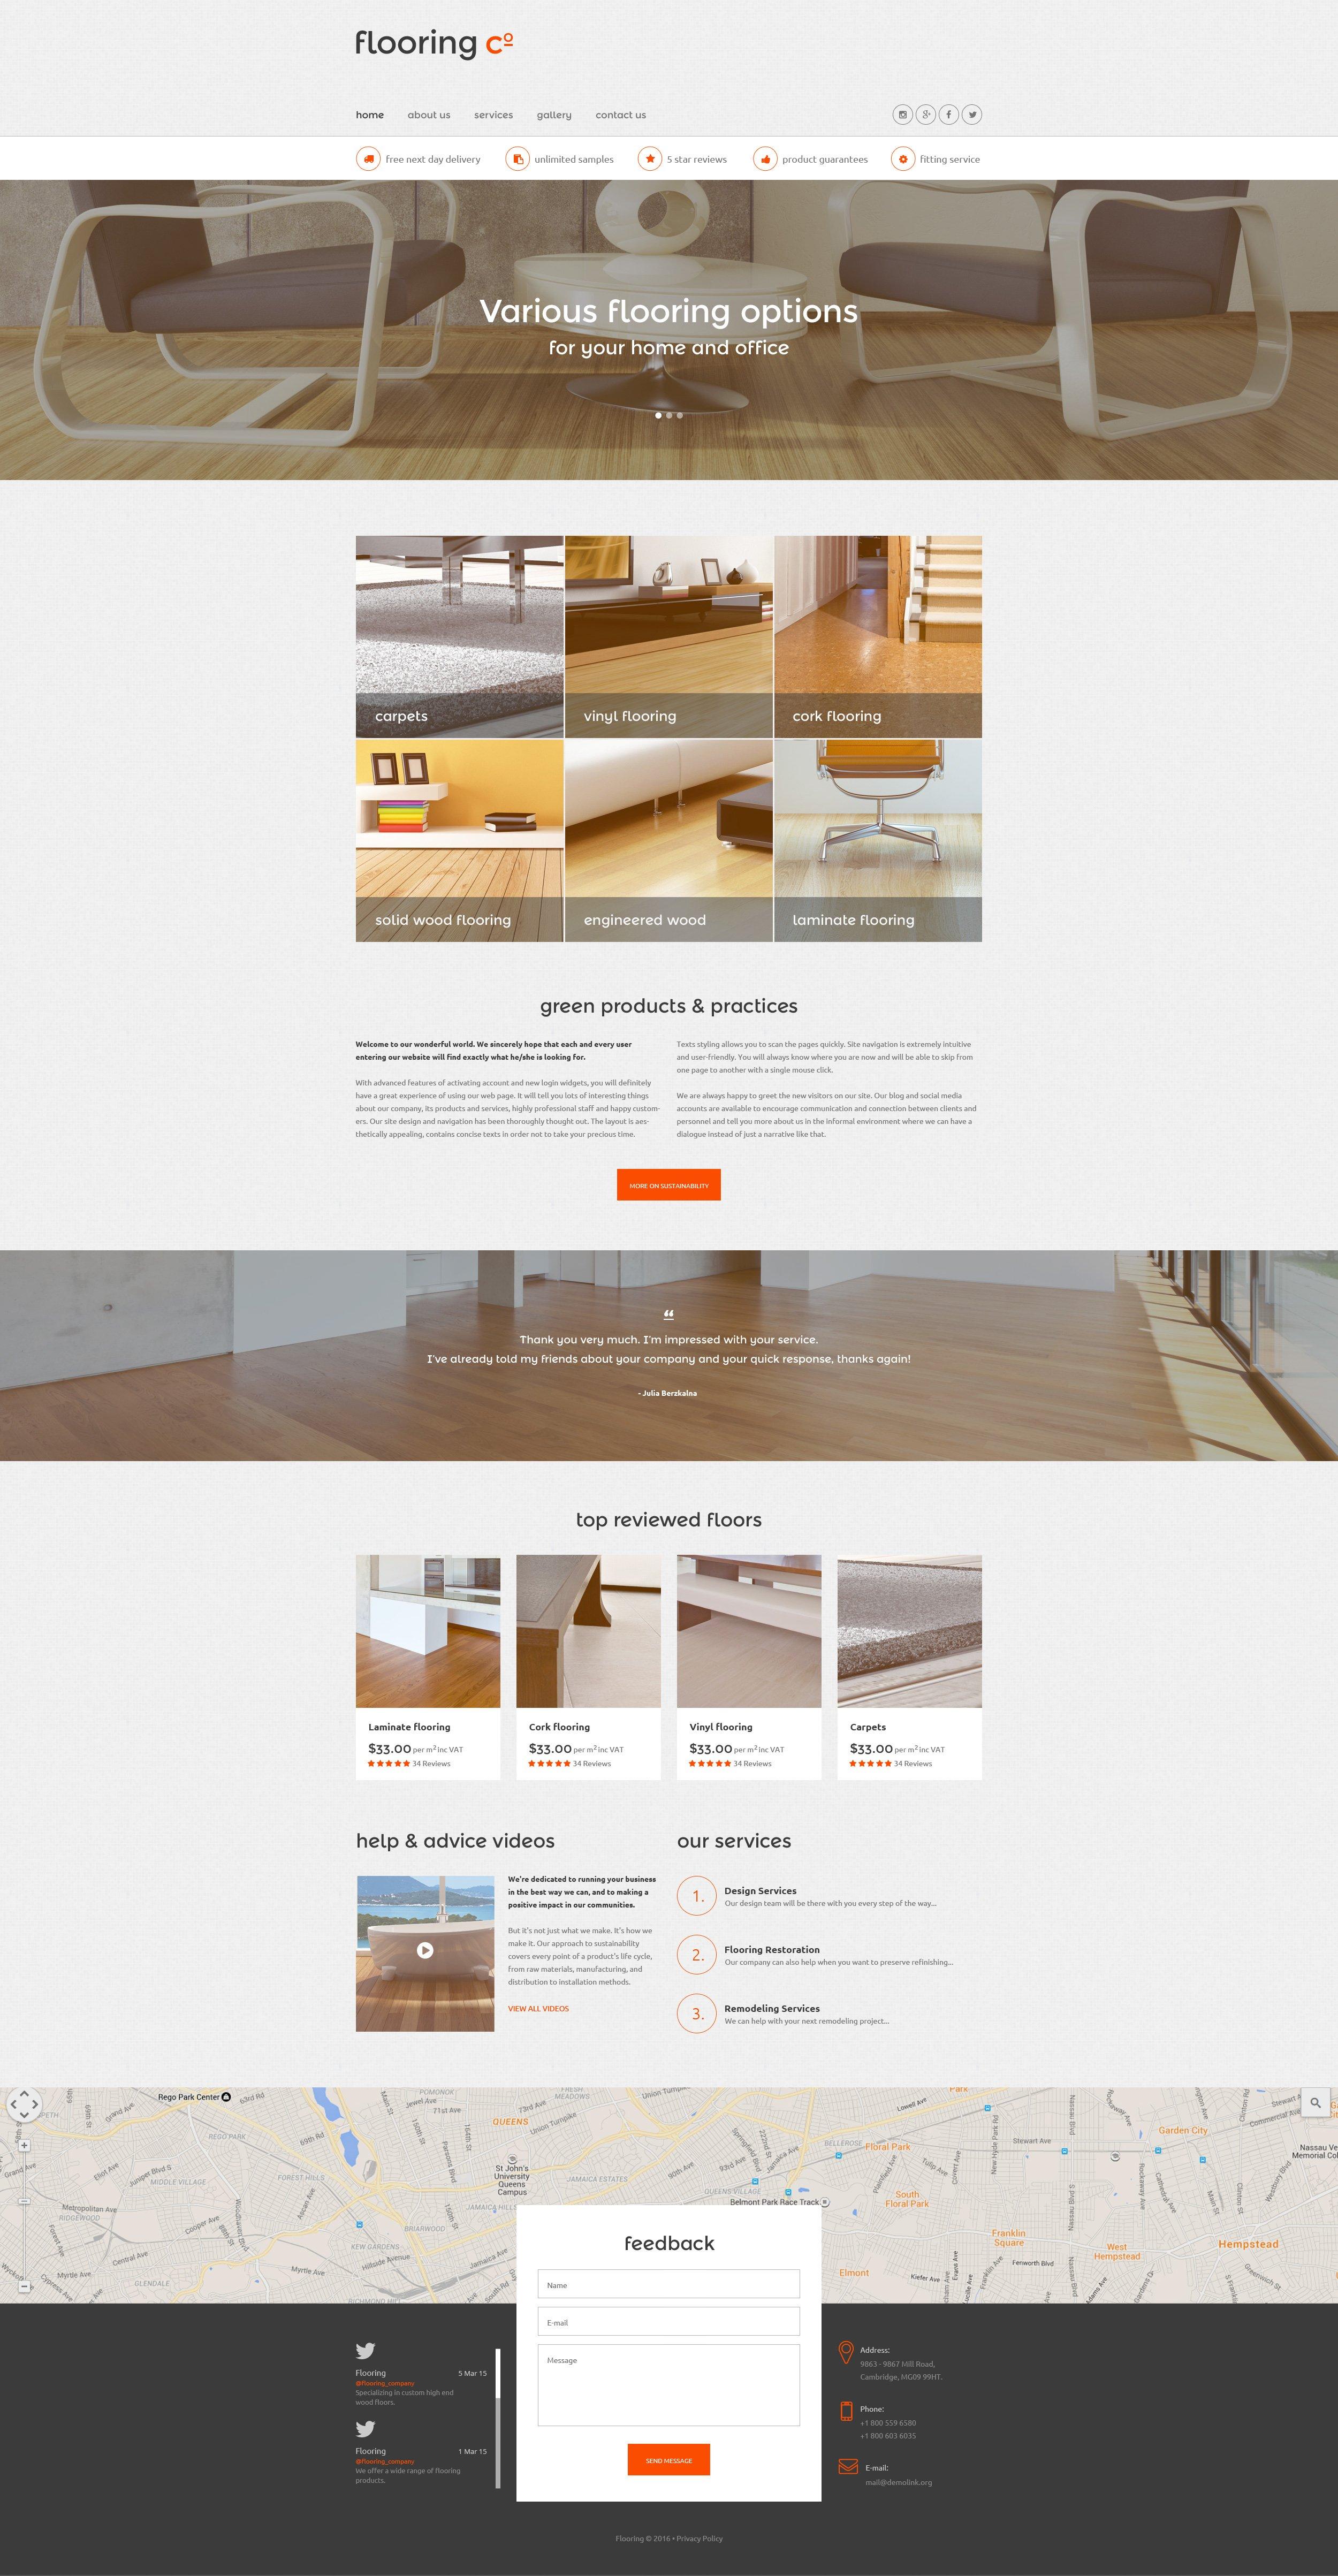 Responsywny szablon strony www Flooring Co. #56096 - zrzut ekranu